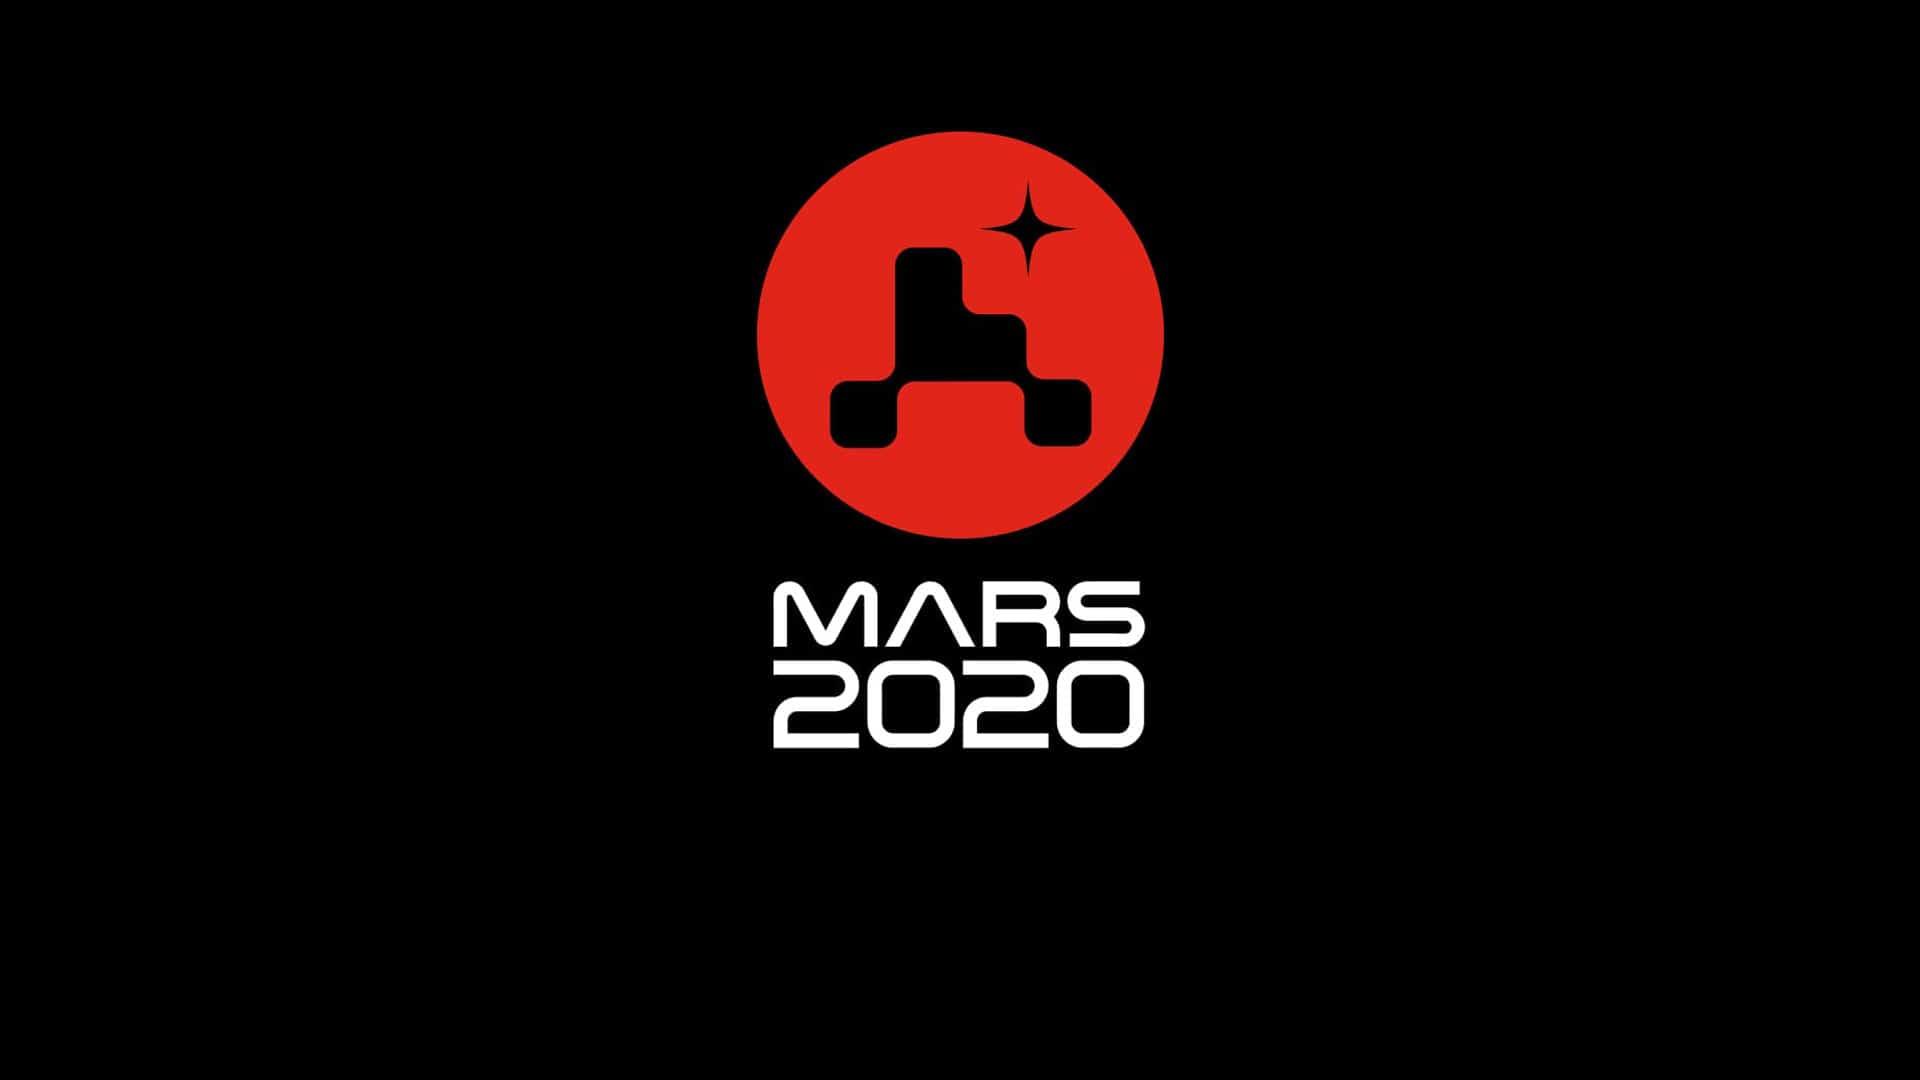 Mars 2020 design